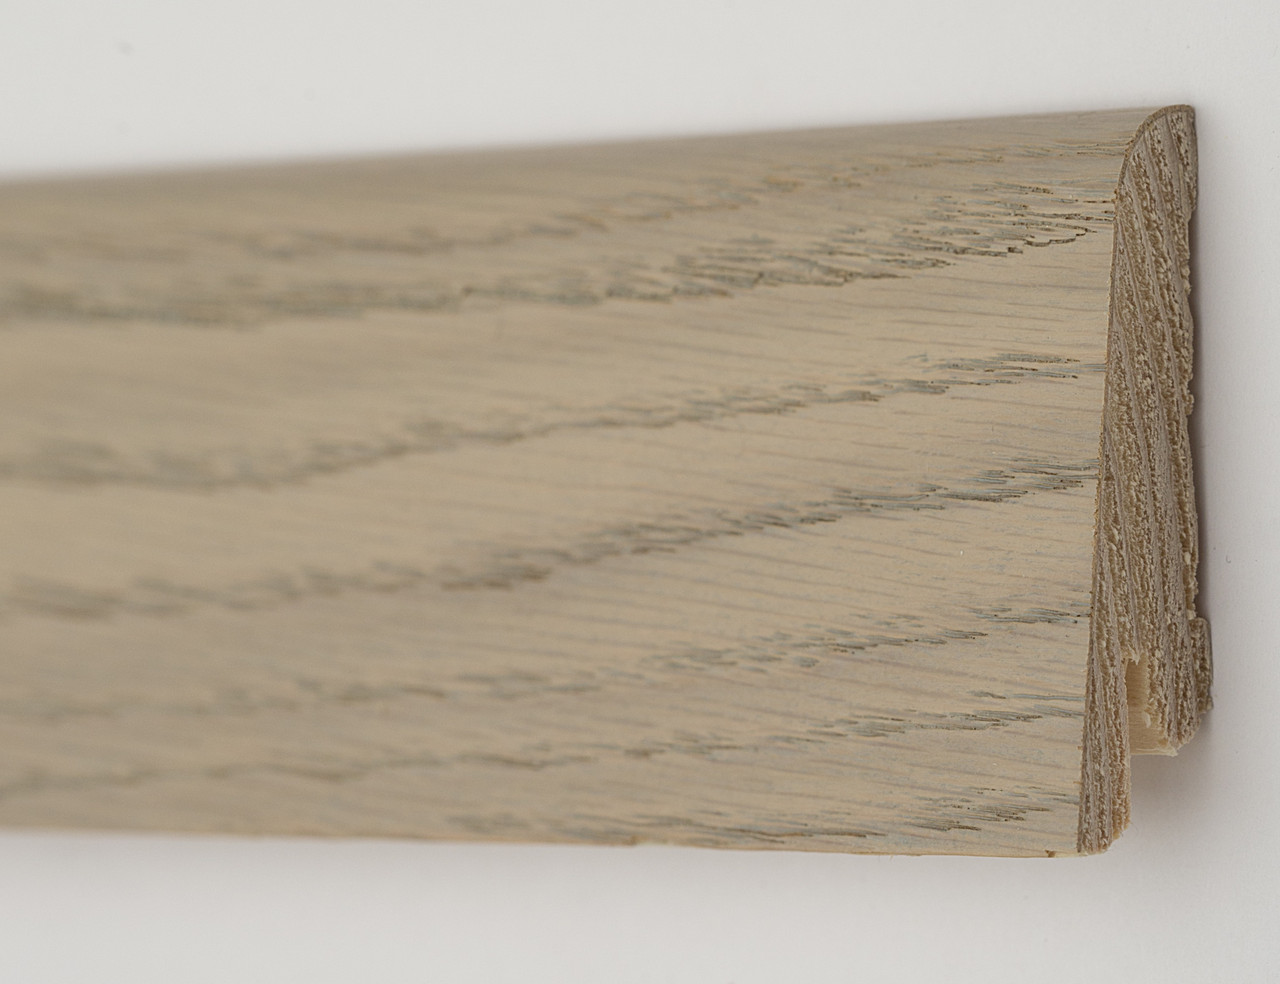 Плинтус деревянный (шпон) Kluchuk Neo Plinth Дуб серебряный 100х19х2200 мм.